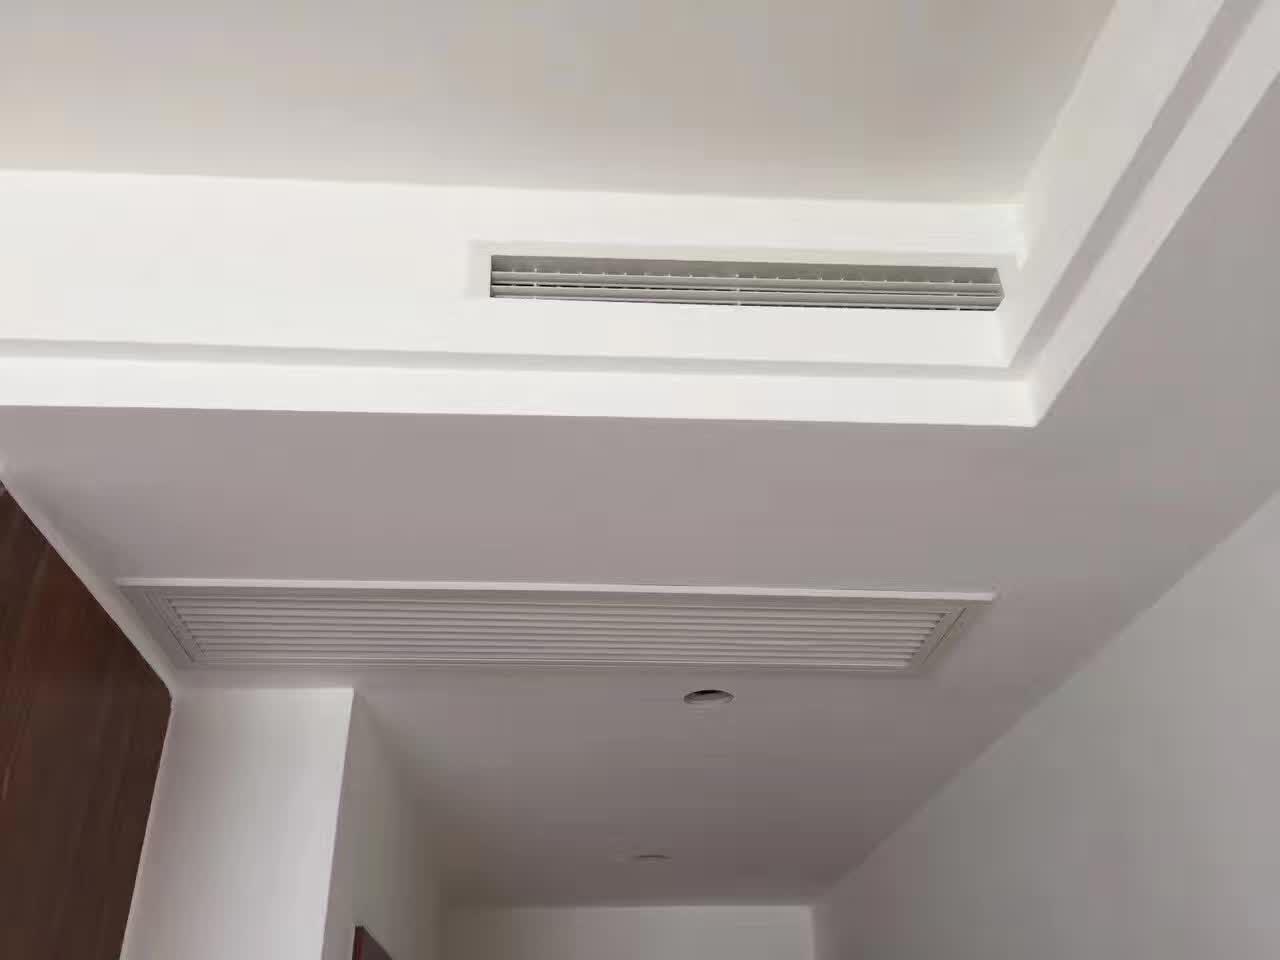 福建高性价格力中央空调推荐-商用中央空调热线